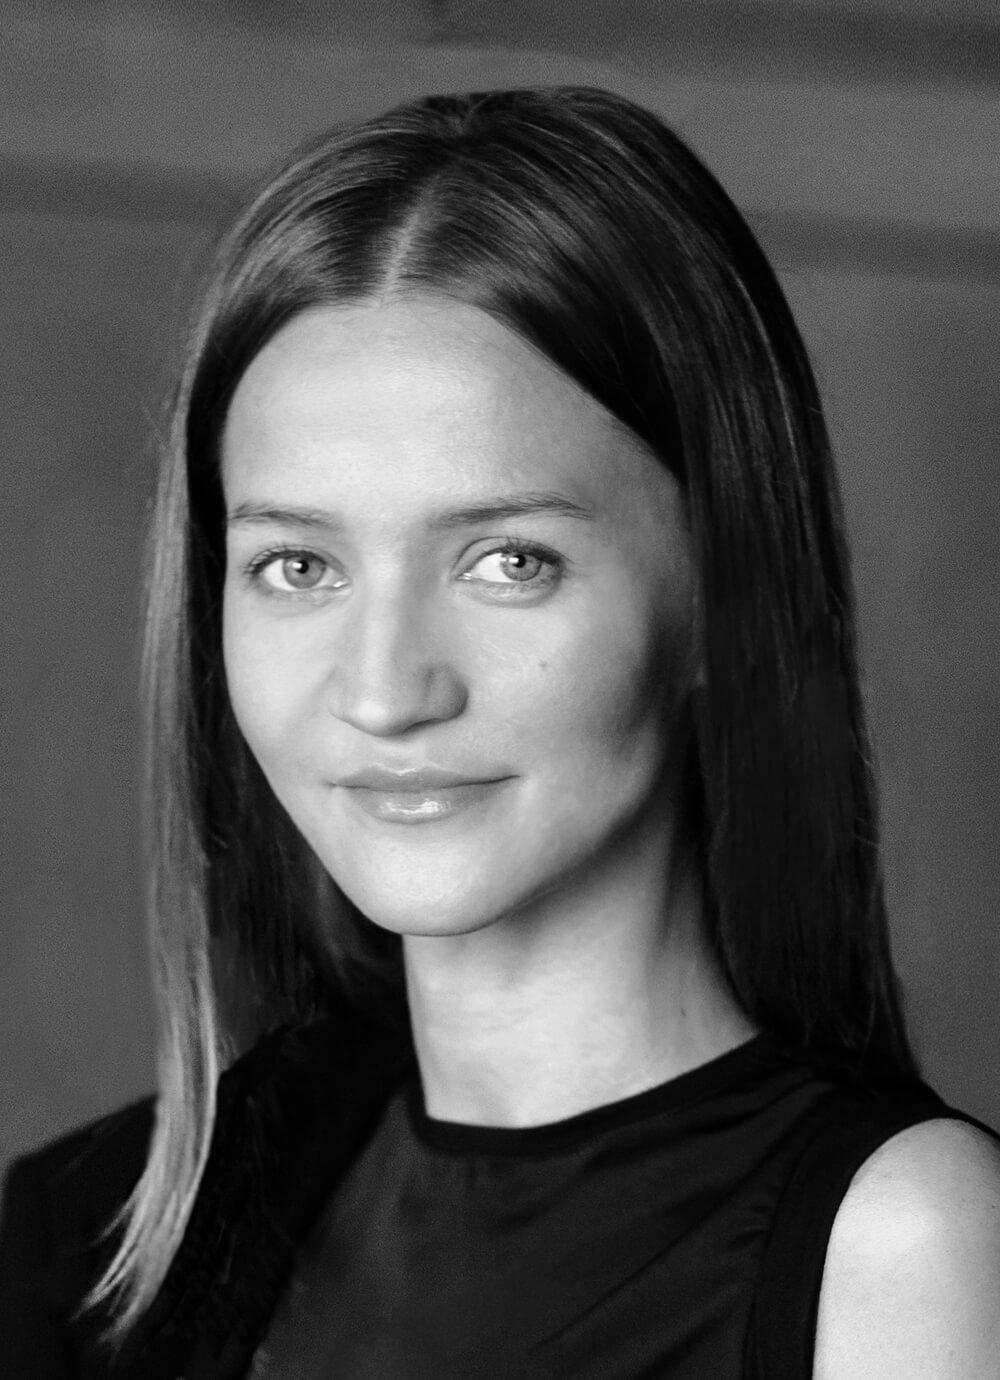 Olga Koshenkova